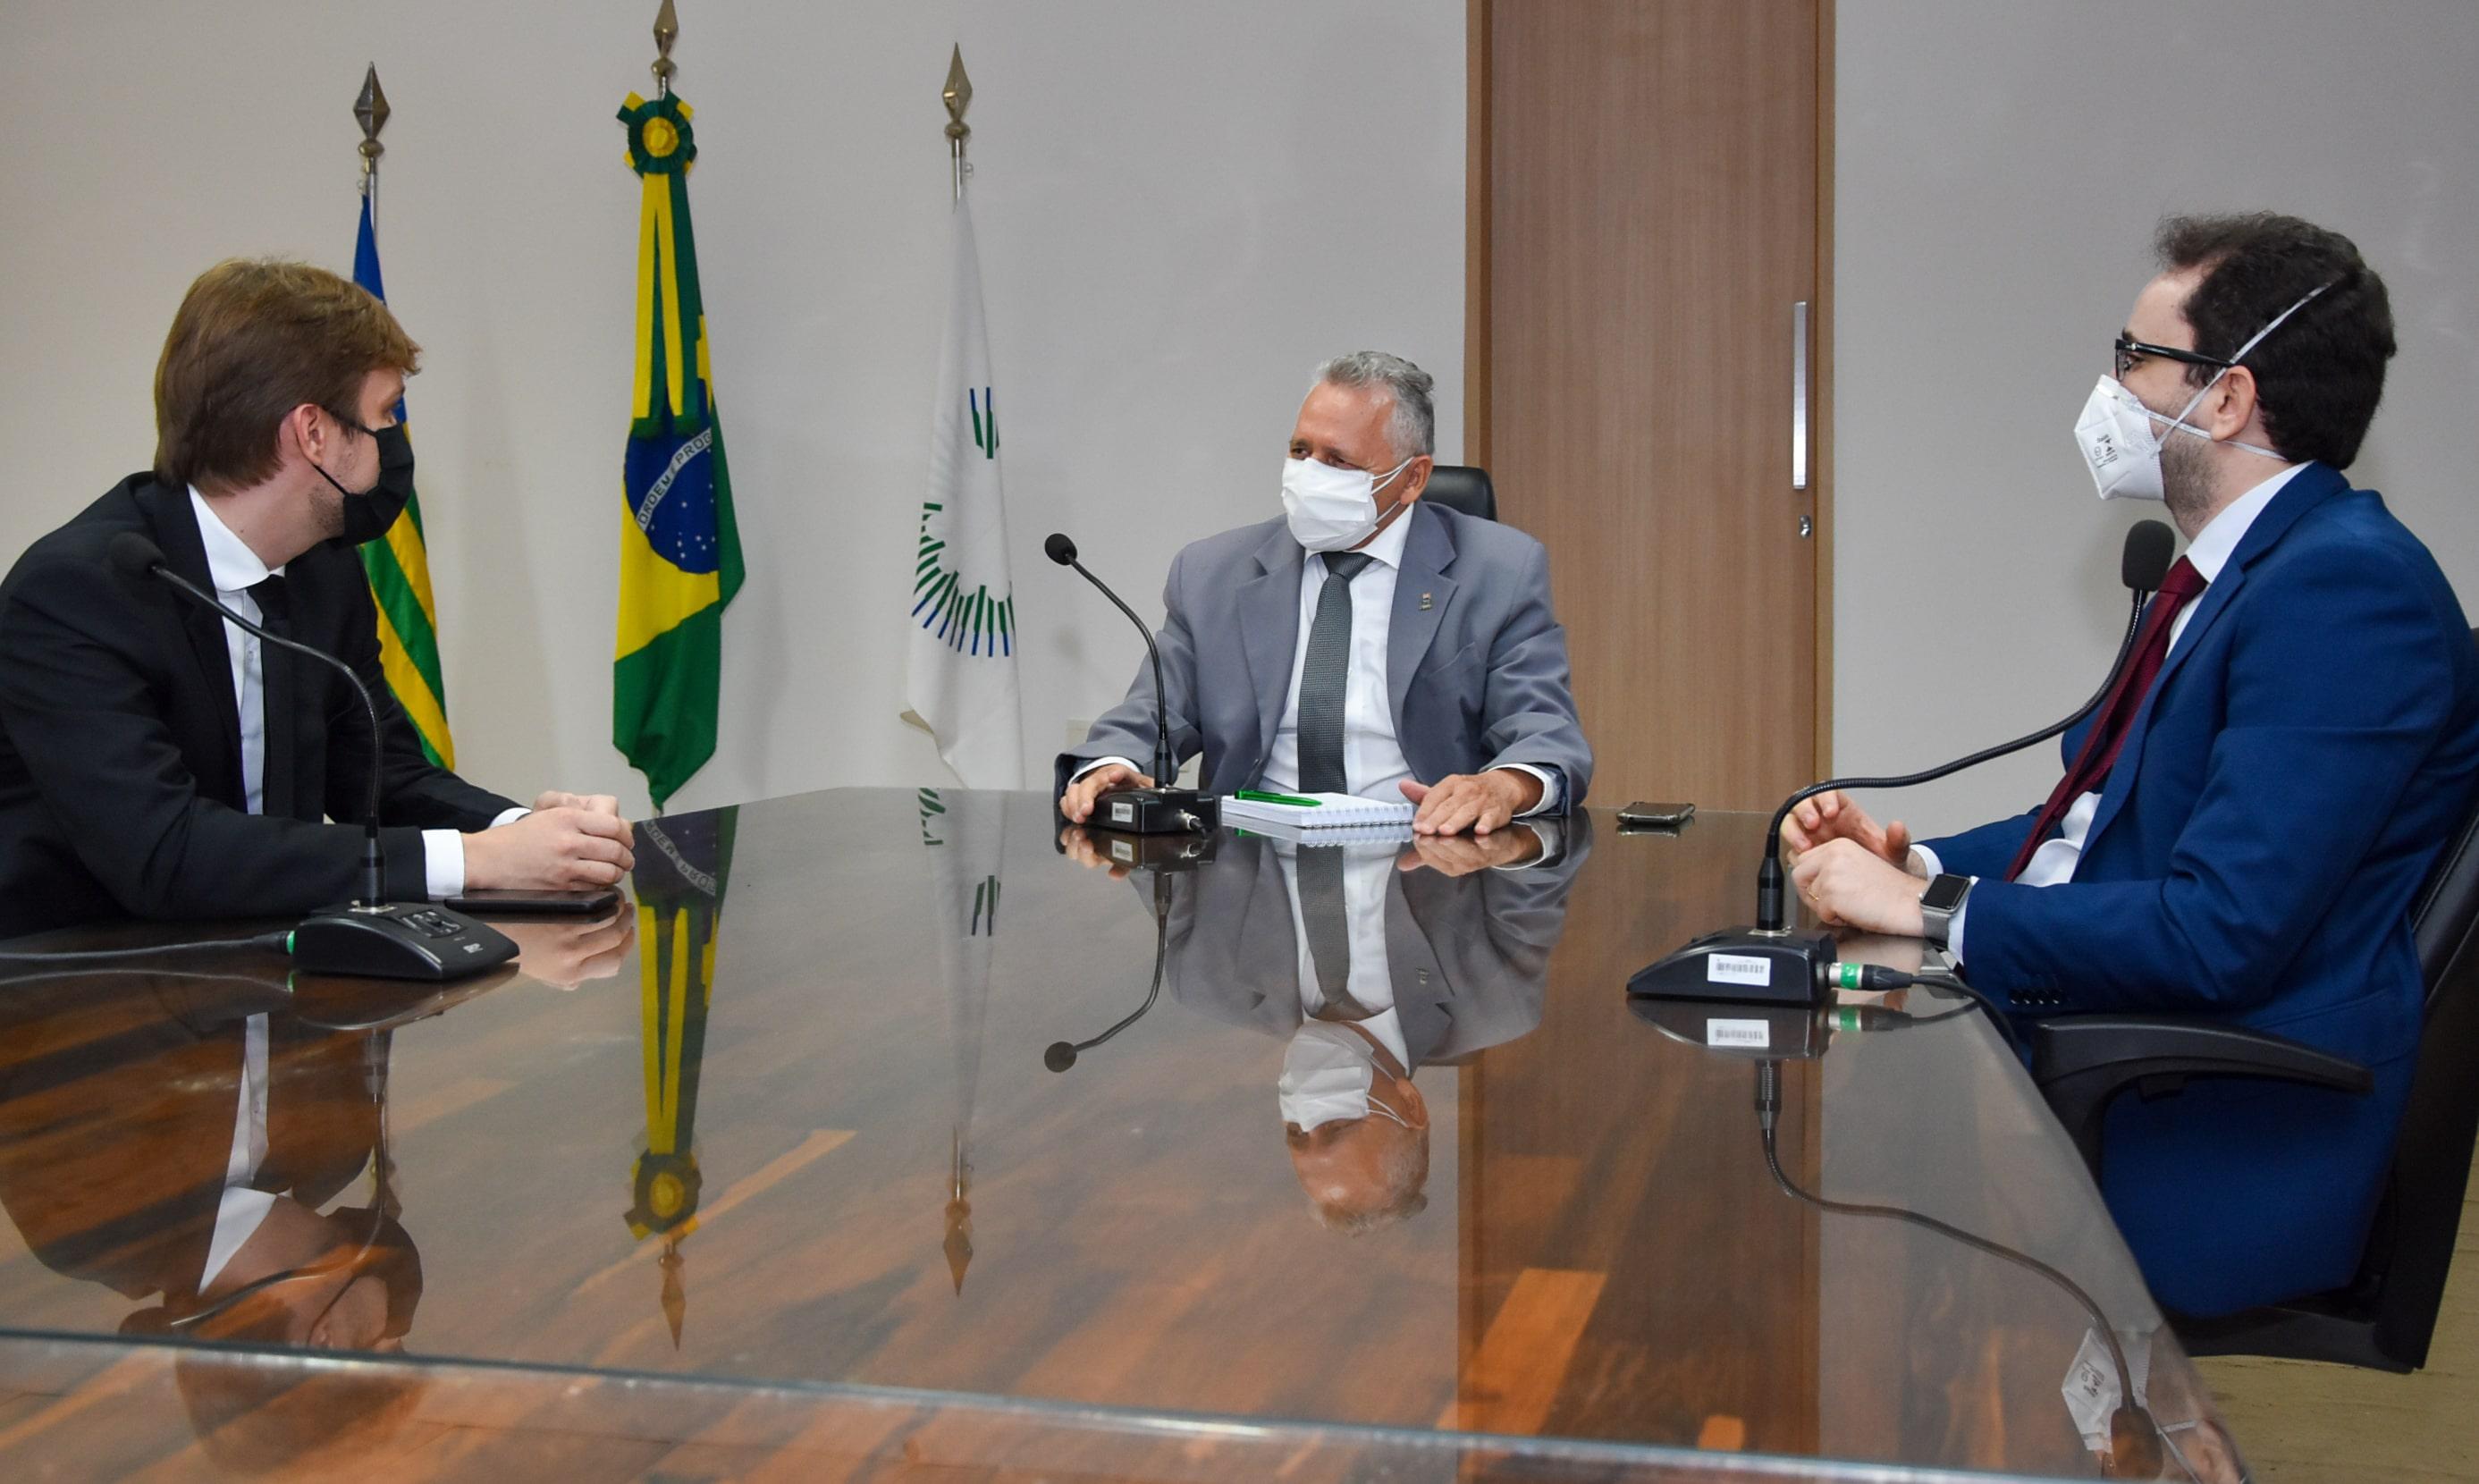 Reunião de articulação do Reitor Gildásio Guedes com oProcurador-chefe da PGF no PI, Caio Nogueira ( à esquerda) e o Procurador-chefe da Procuradoria junto à UFPI, Luciano Rezende, em março desde ano, para tratar do tema- Foto: Ascom